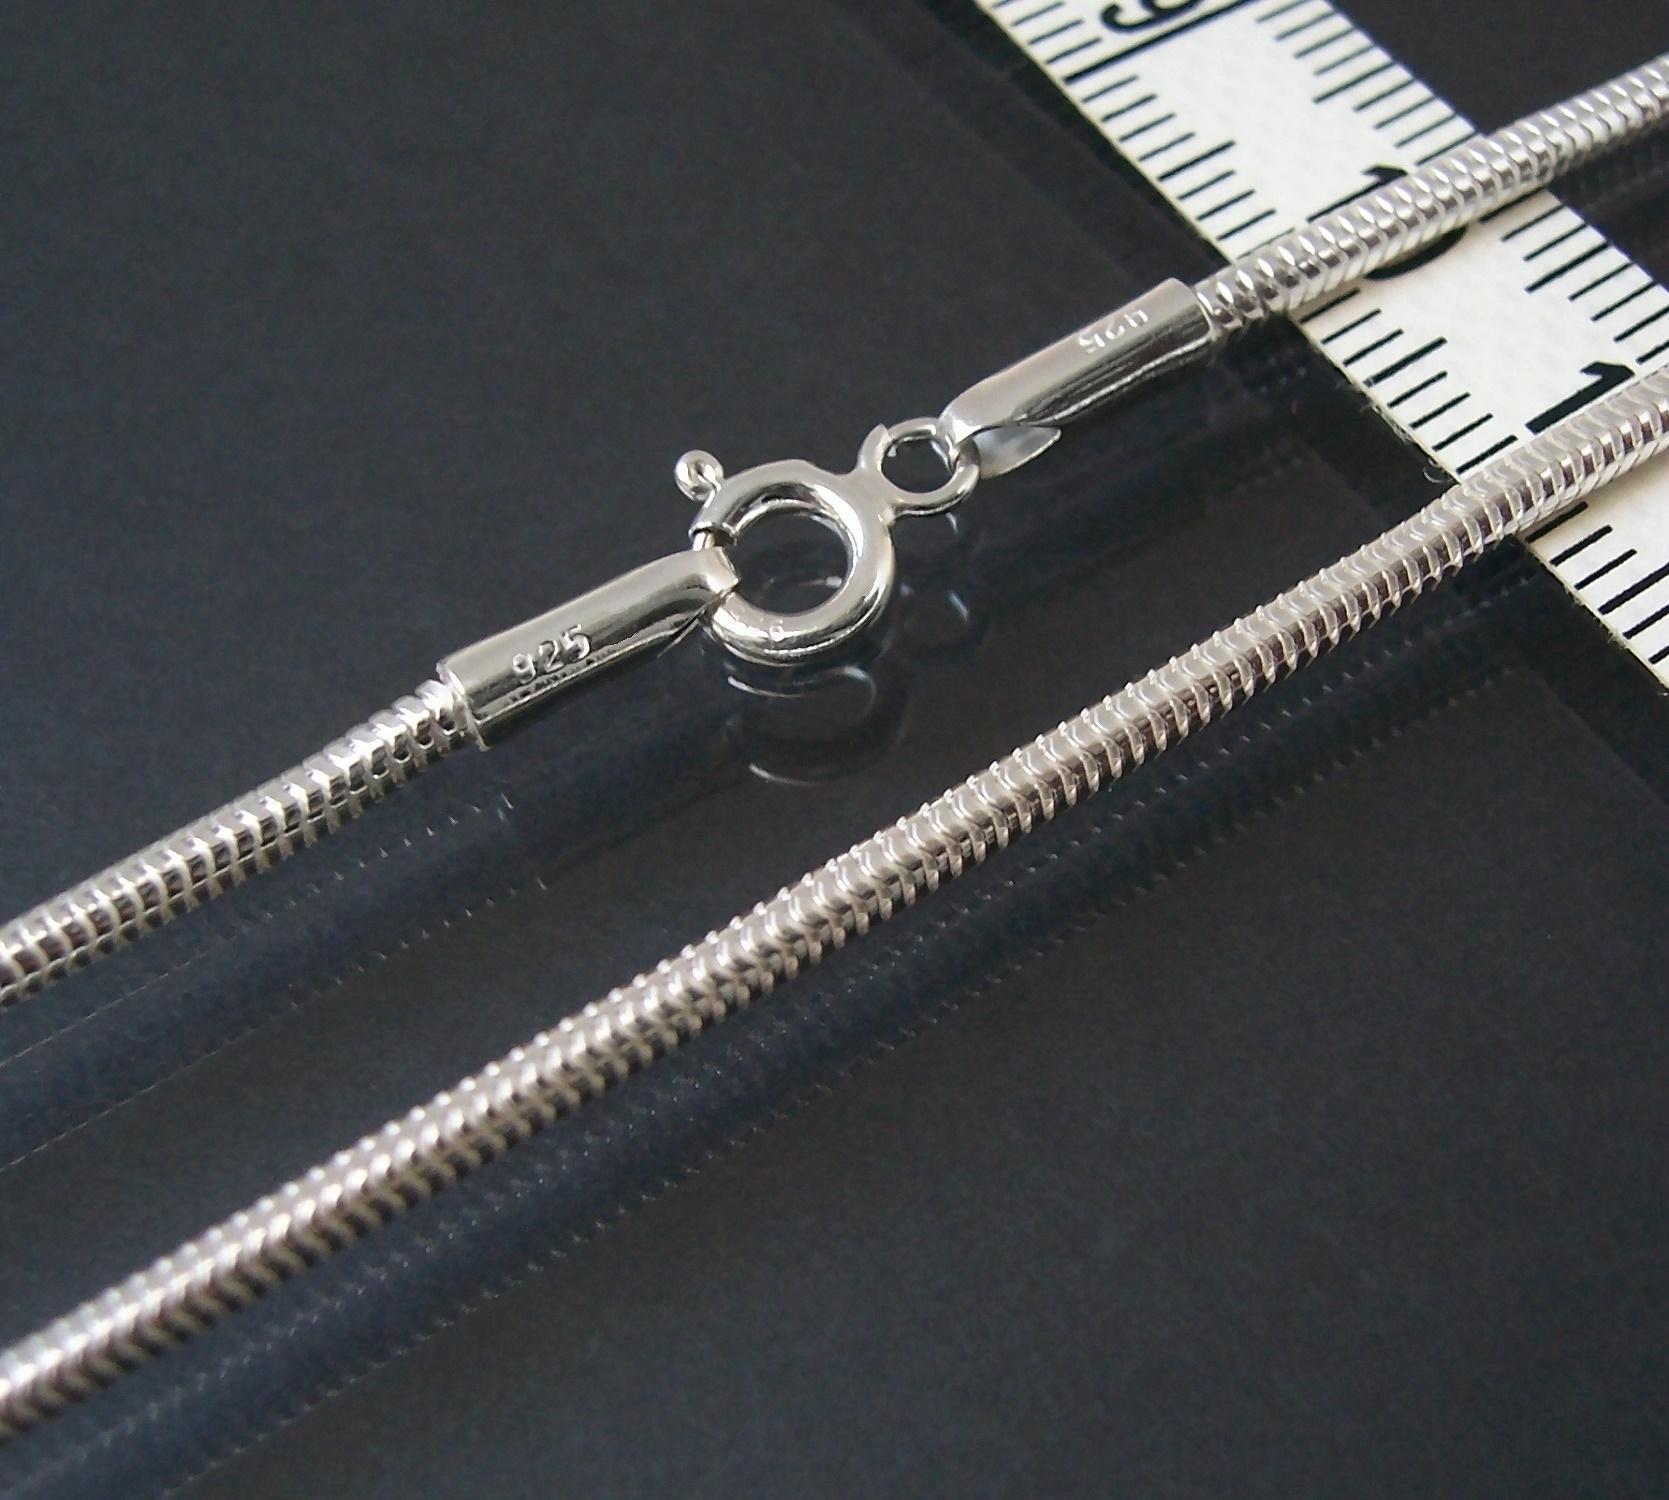 Kette Schlangenkette 925 Silber massiv 2,1mm Niklarson 19cm 18221-19